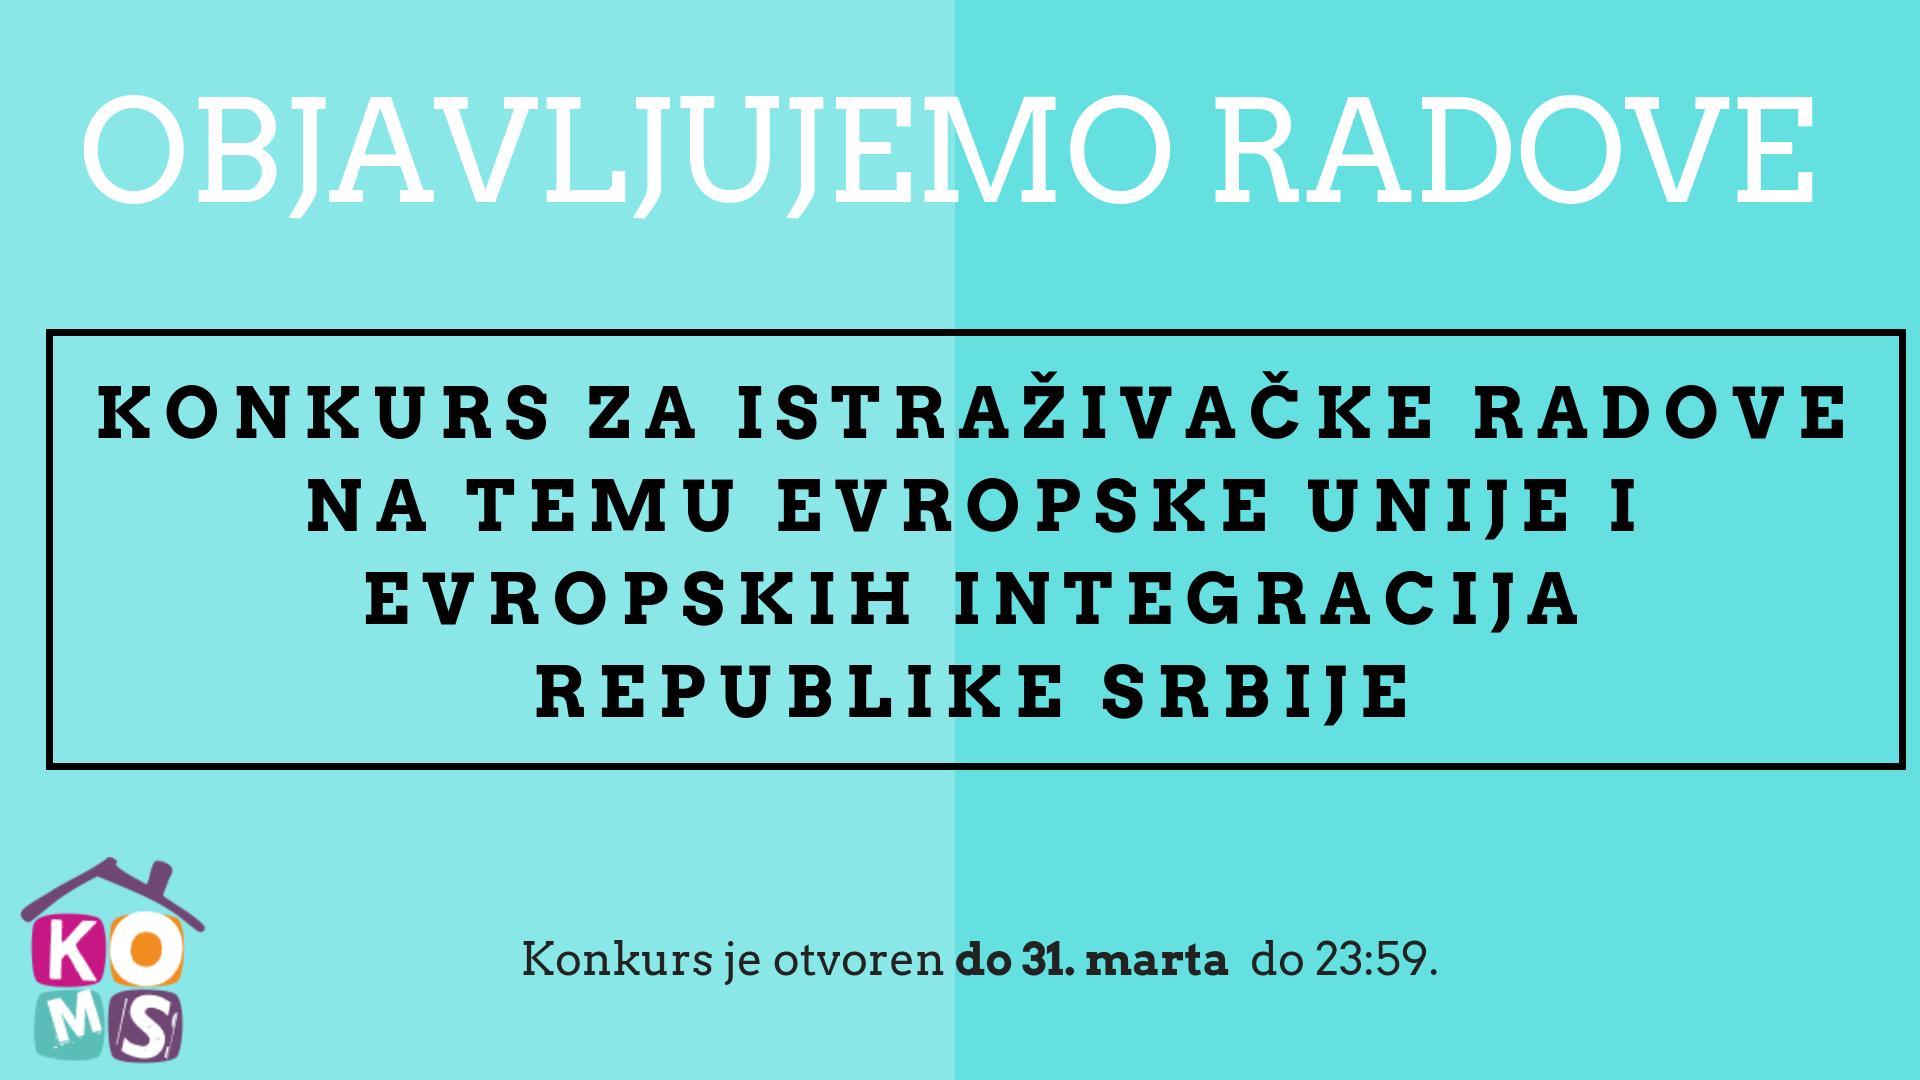 KONKURS ZA ISTRAŽIVAČKE RADOVE NA TEMU EVROPSKE UNIJE I EVROPSKIH INTEGRACIJA REPUBLIKE SRBIJE